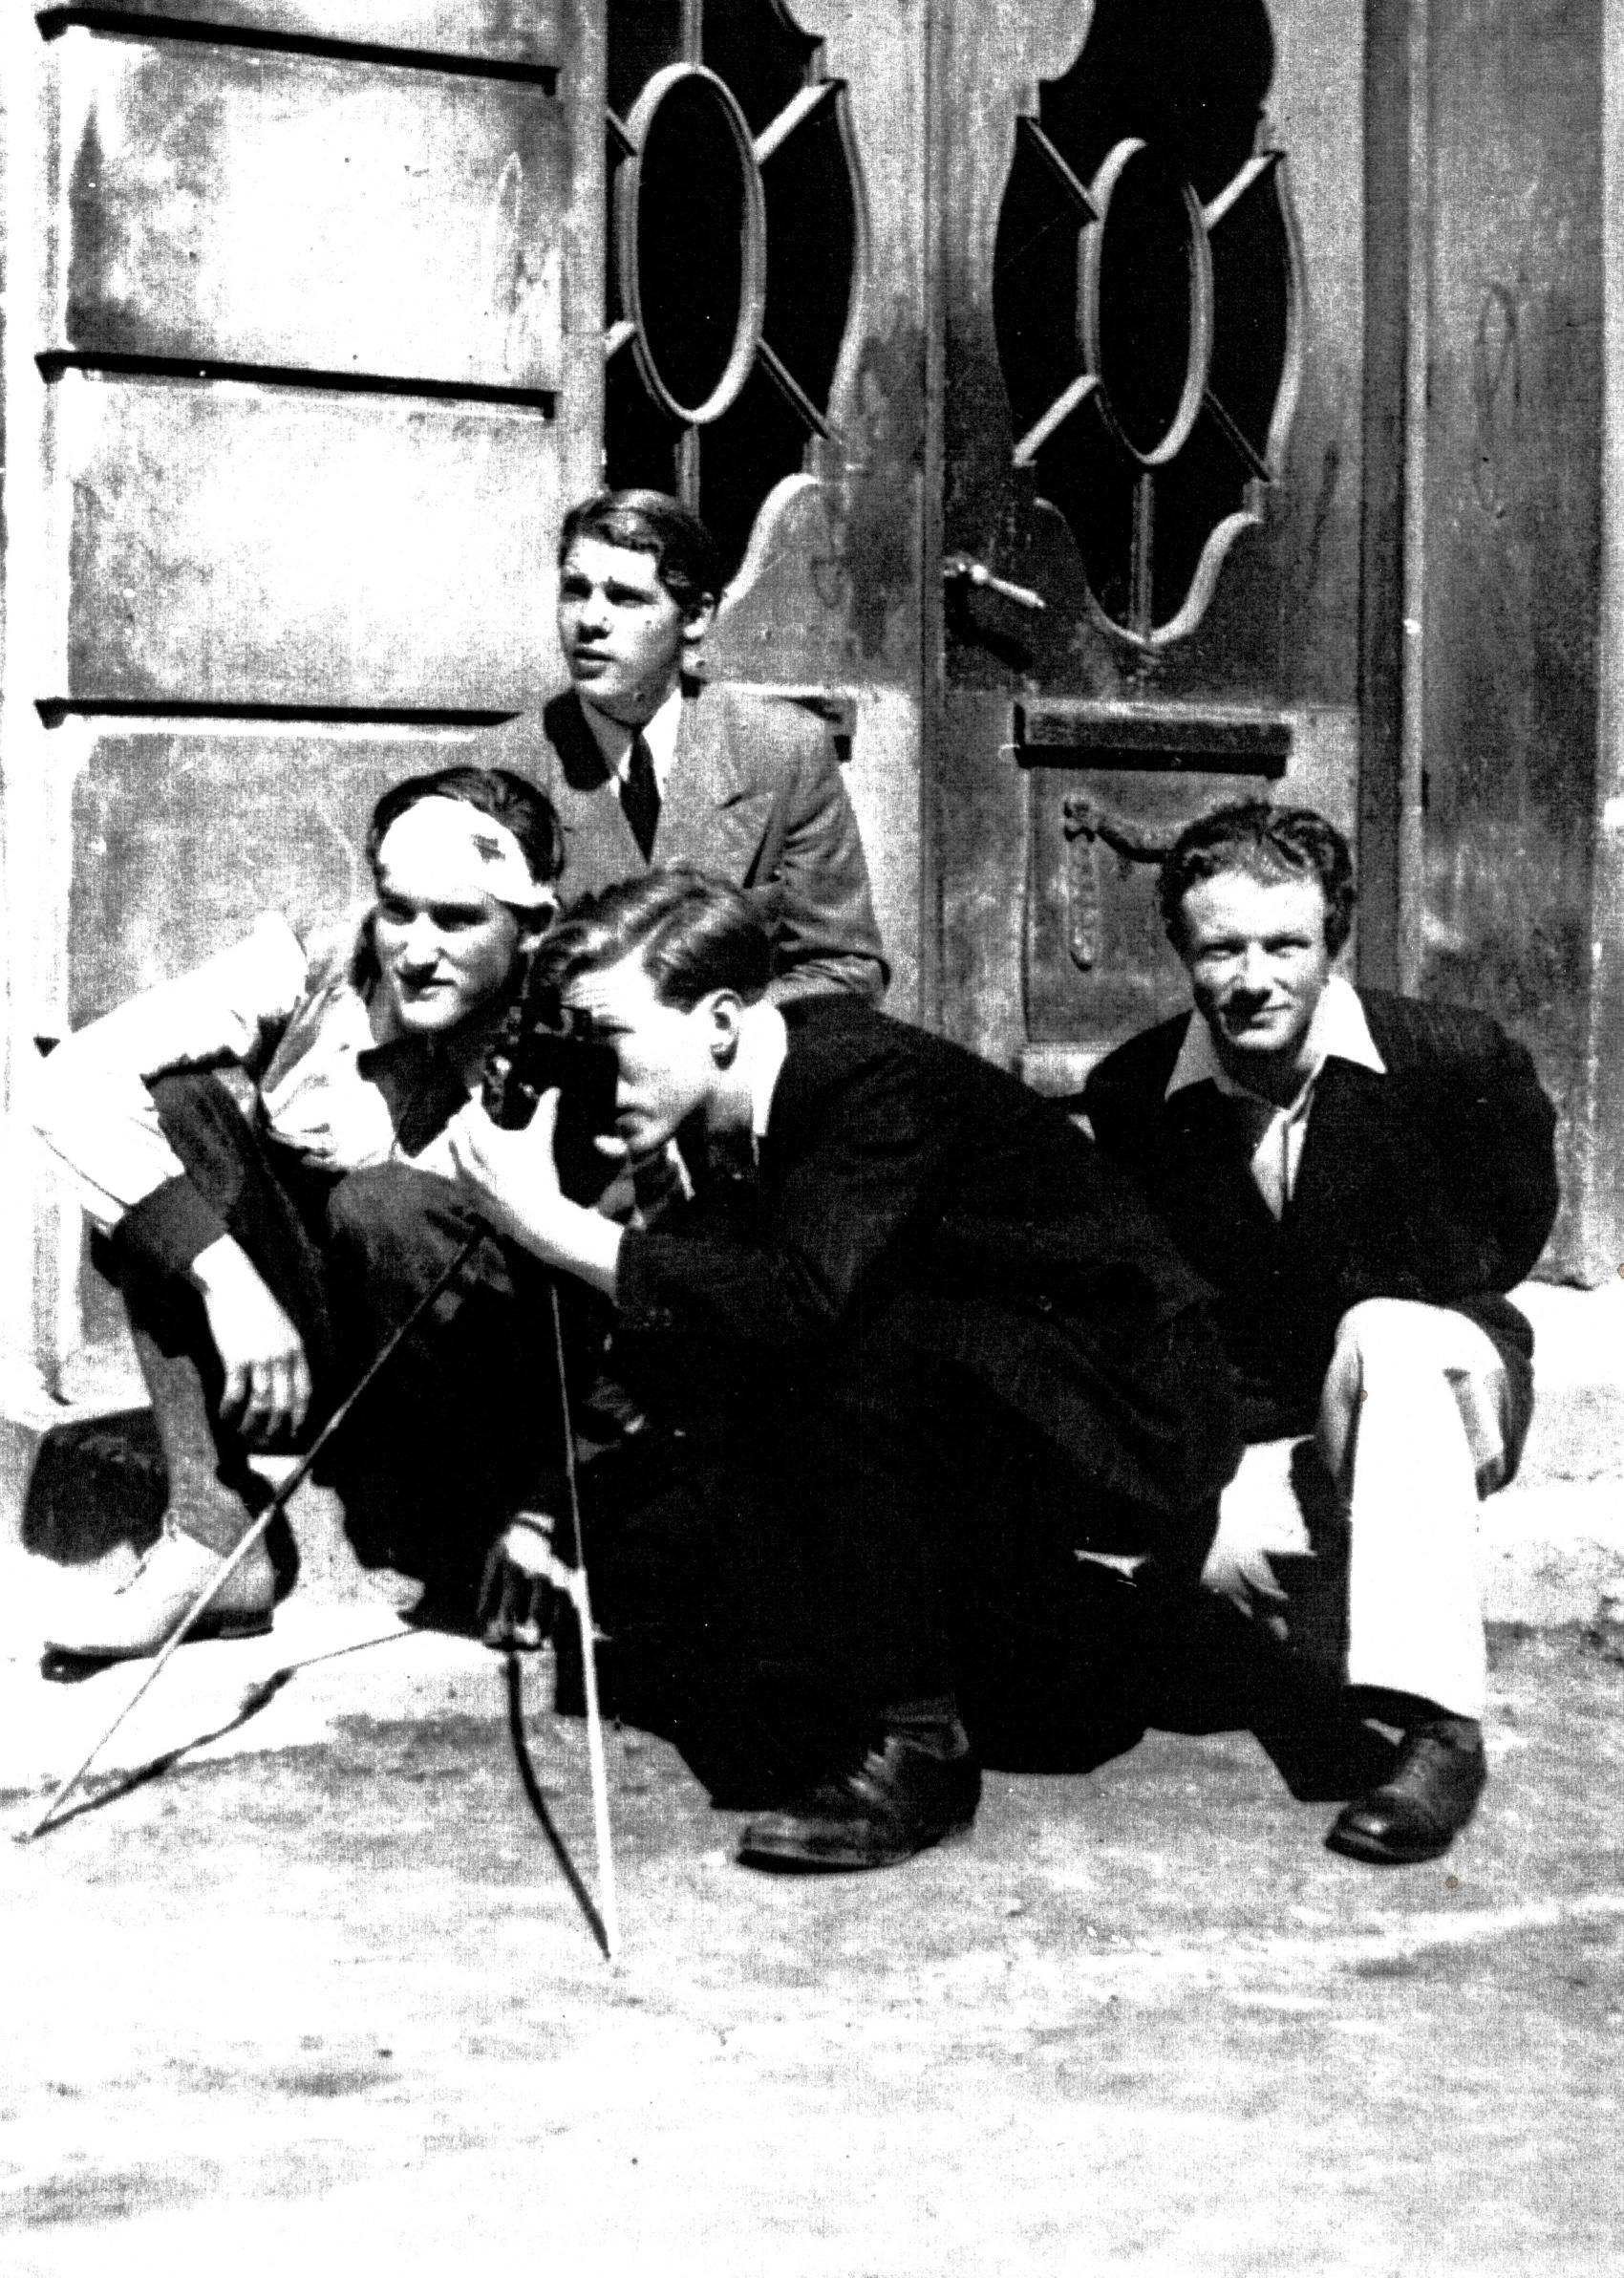 Fra innspilling av amatørfilm i Harstad 1946. Olav Nilsen, Rolv Hjelsmø, Knut Andersen, Konrad Wallin. Foto: Nasjonalbiblioteket.